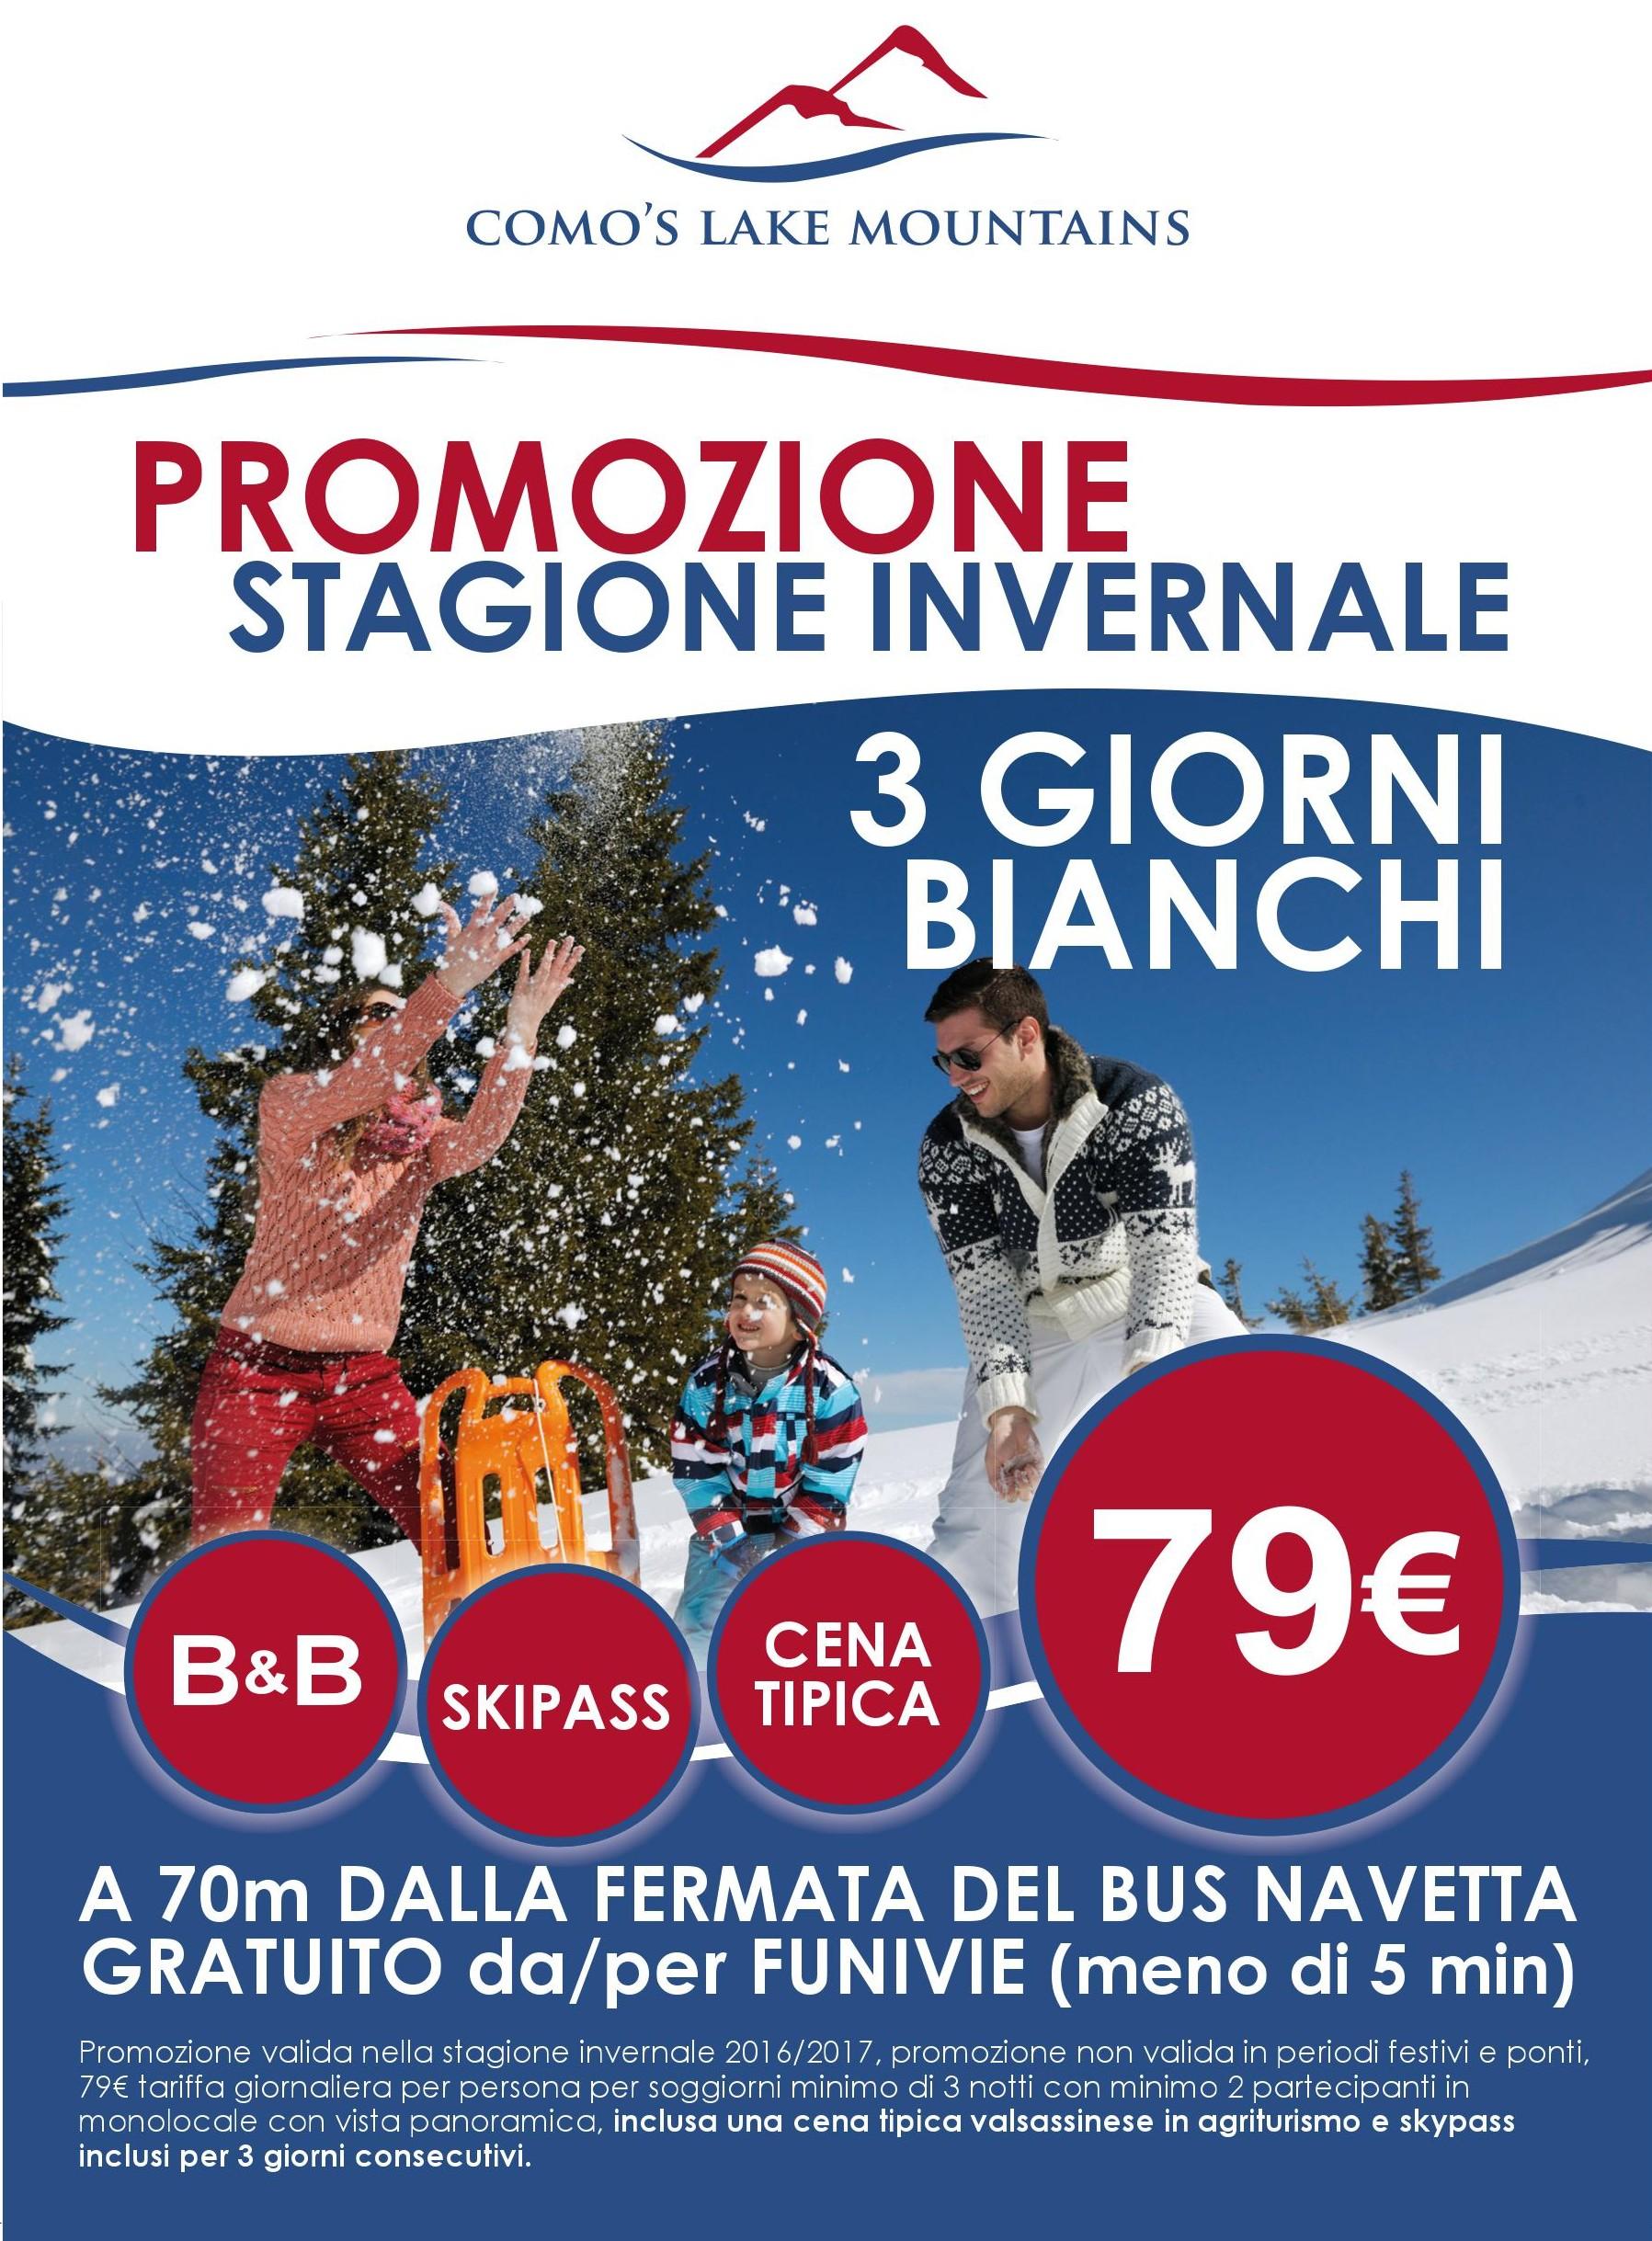 a6-promo-invernale-fronte-150x150